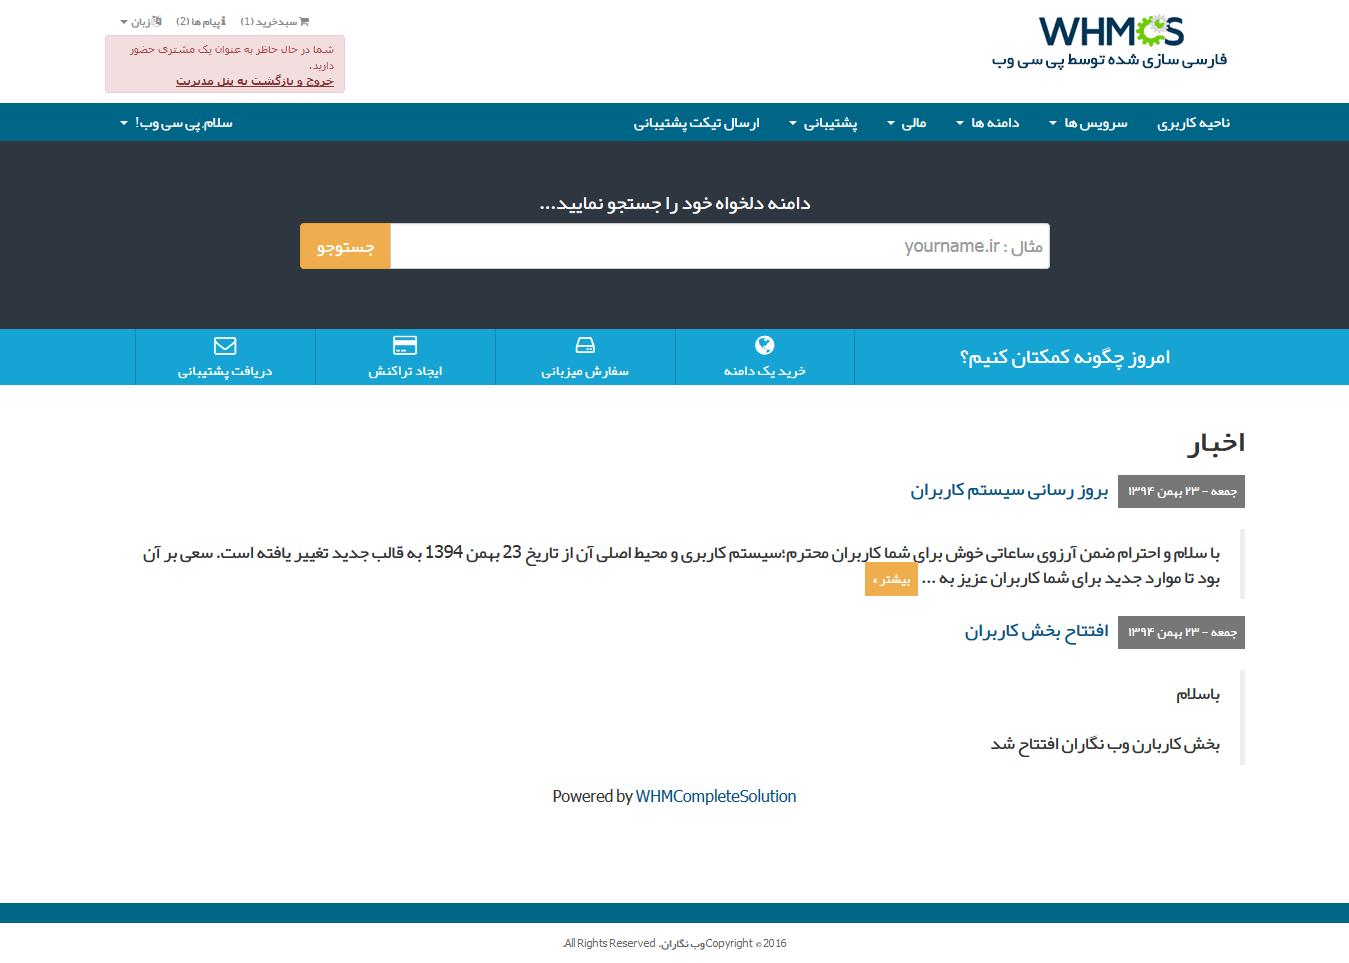 دانلود قالب whmcs 6